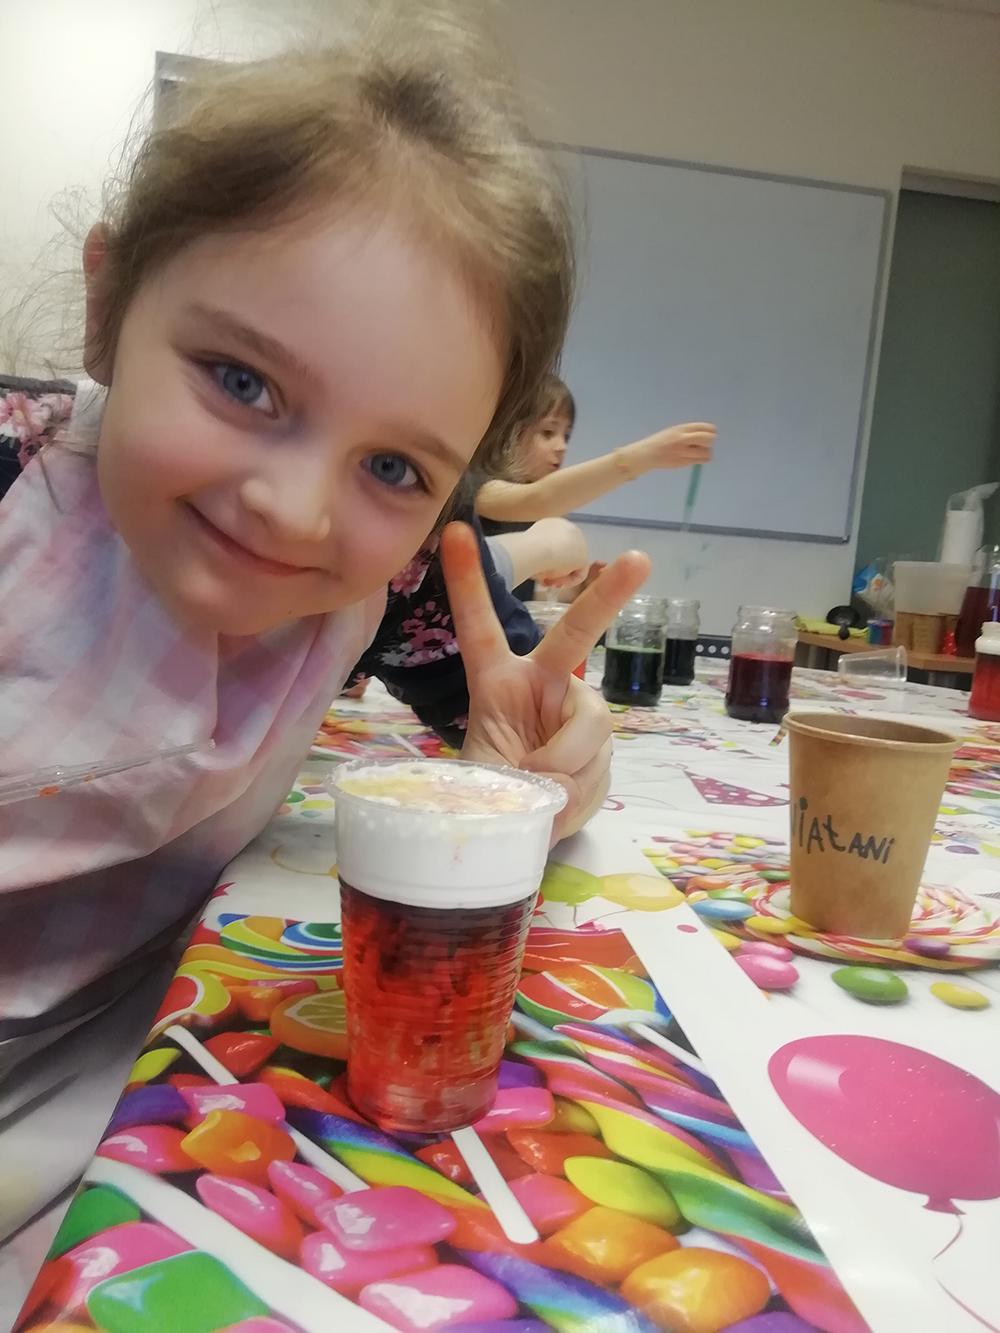 angielski dla dzieci archibald kids warszawa polkolonie jezykowe ferie